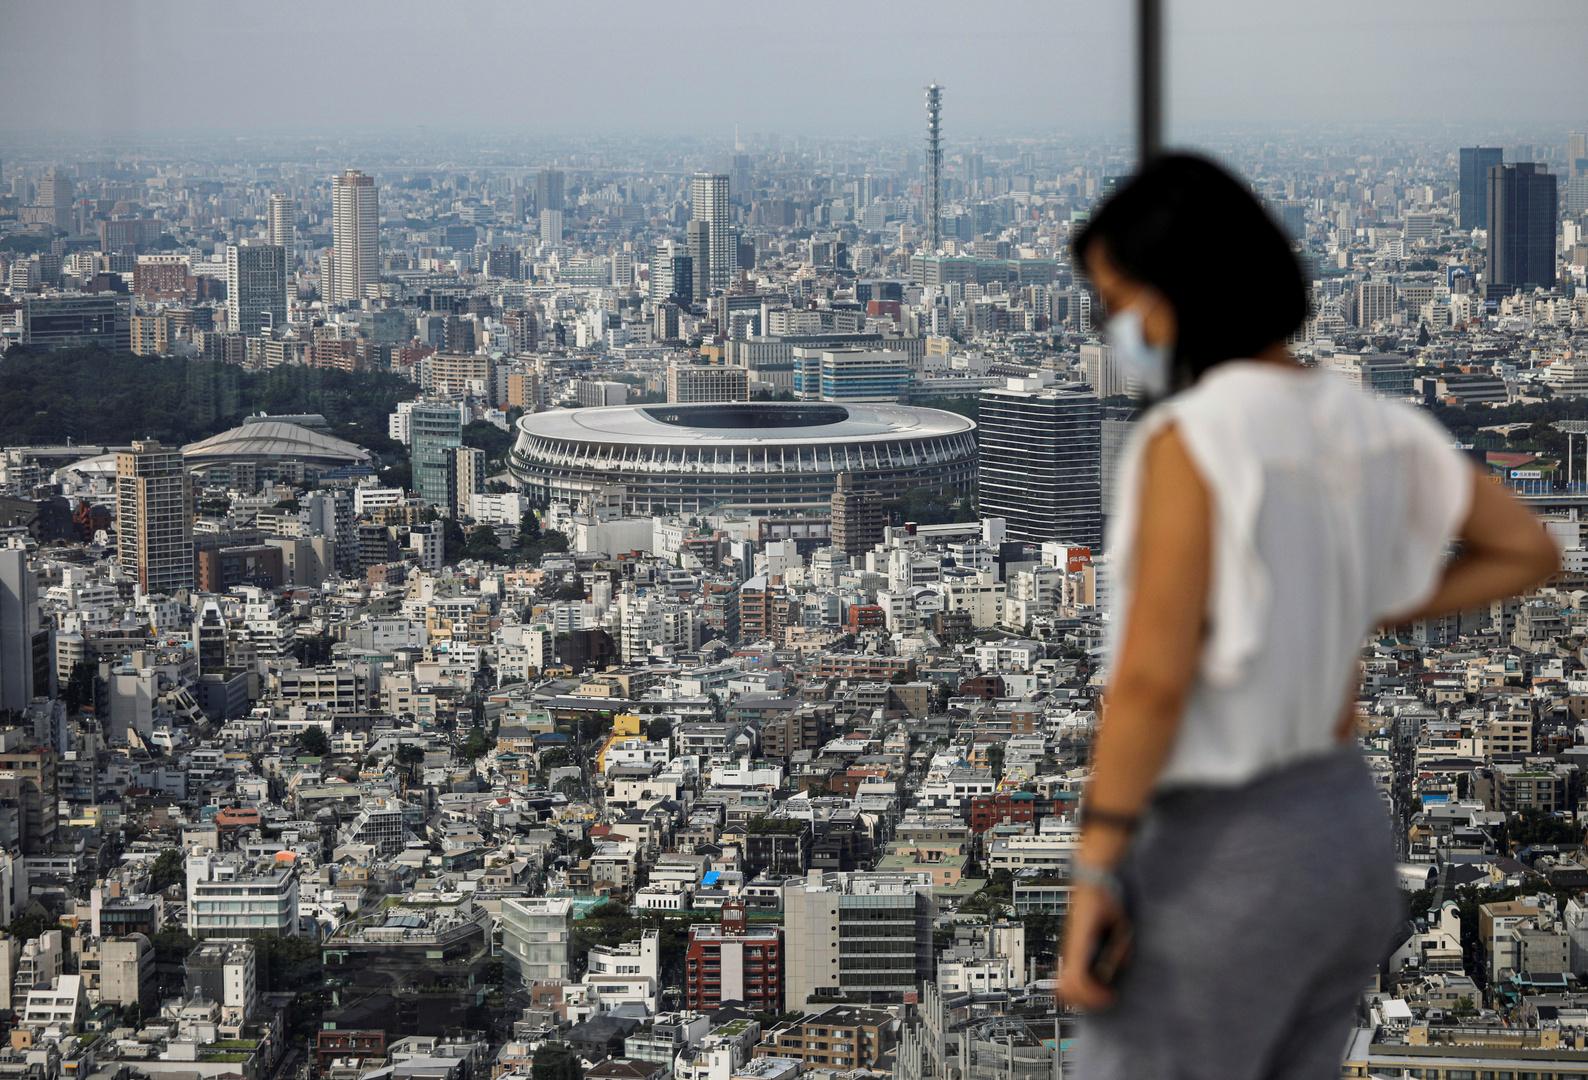 طوكيو.. حصيلة يومية قياسية لعدد المصابين بفيروس كورونا